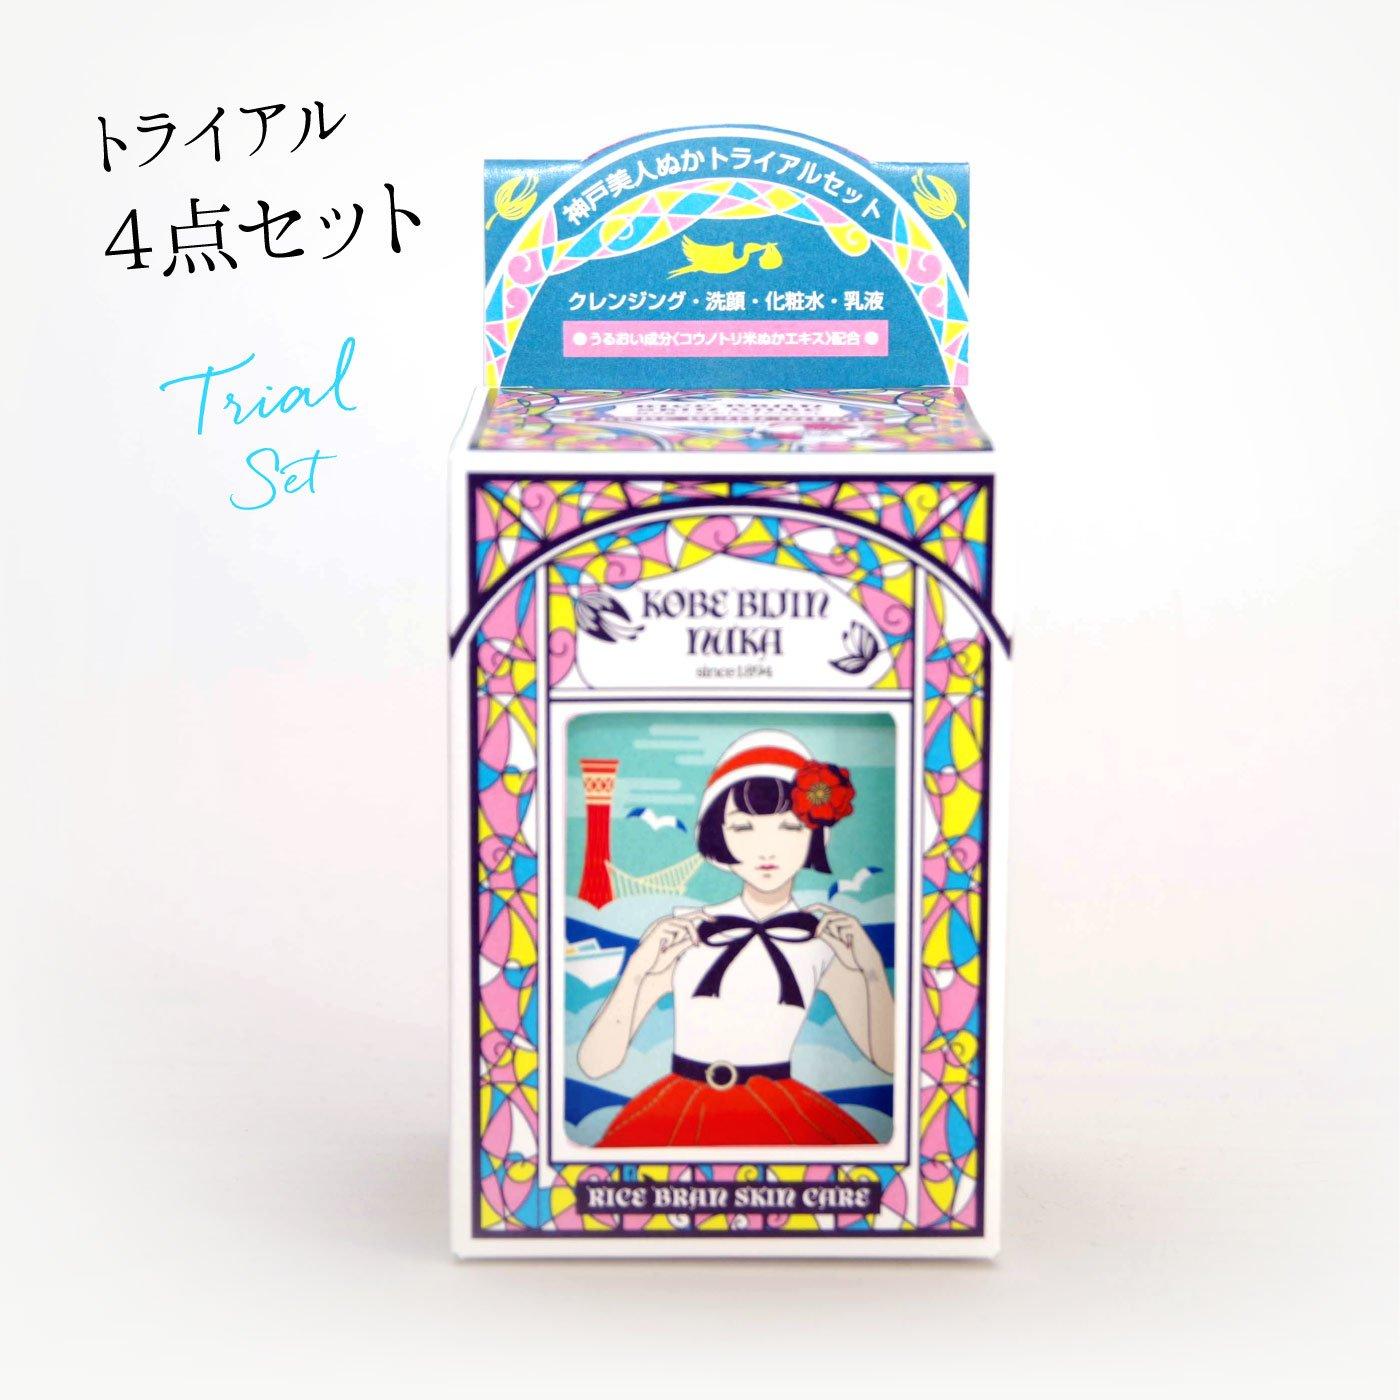 神戸美人ぬか 伝統の米ぬか美容 トライアルセットの会